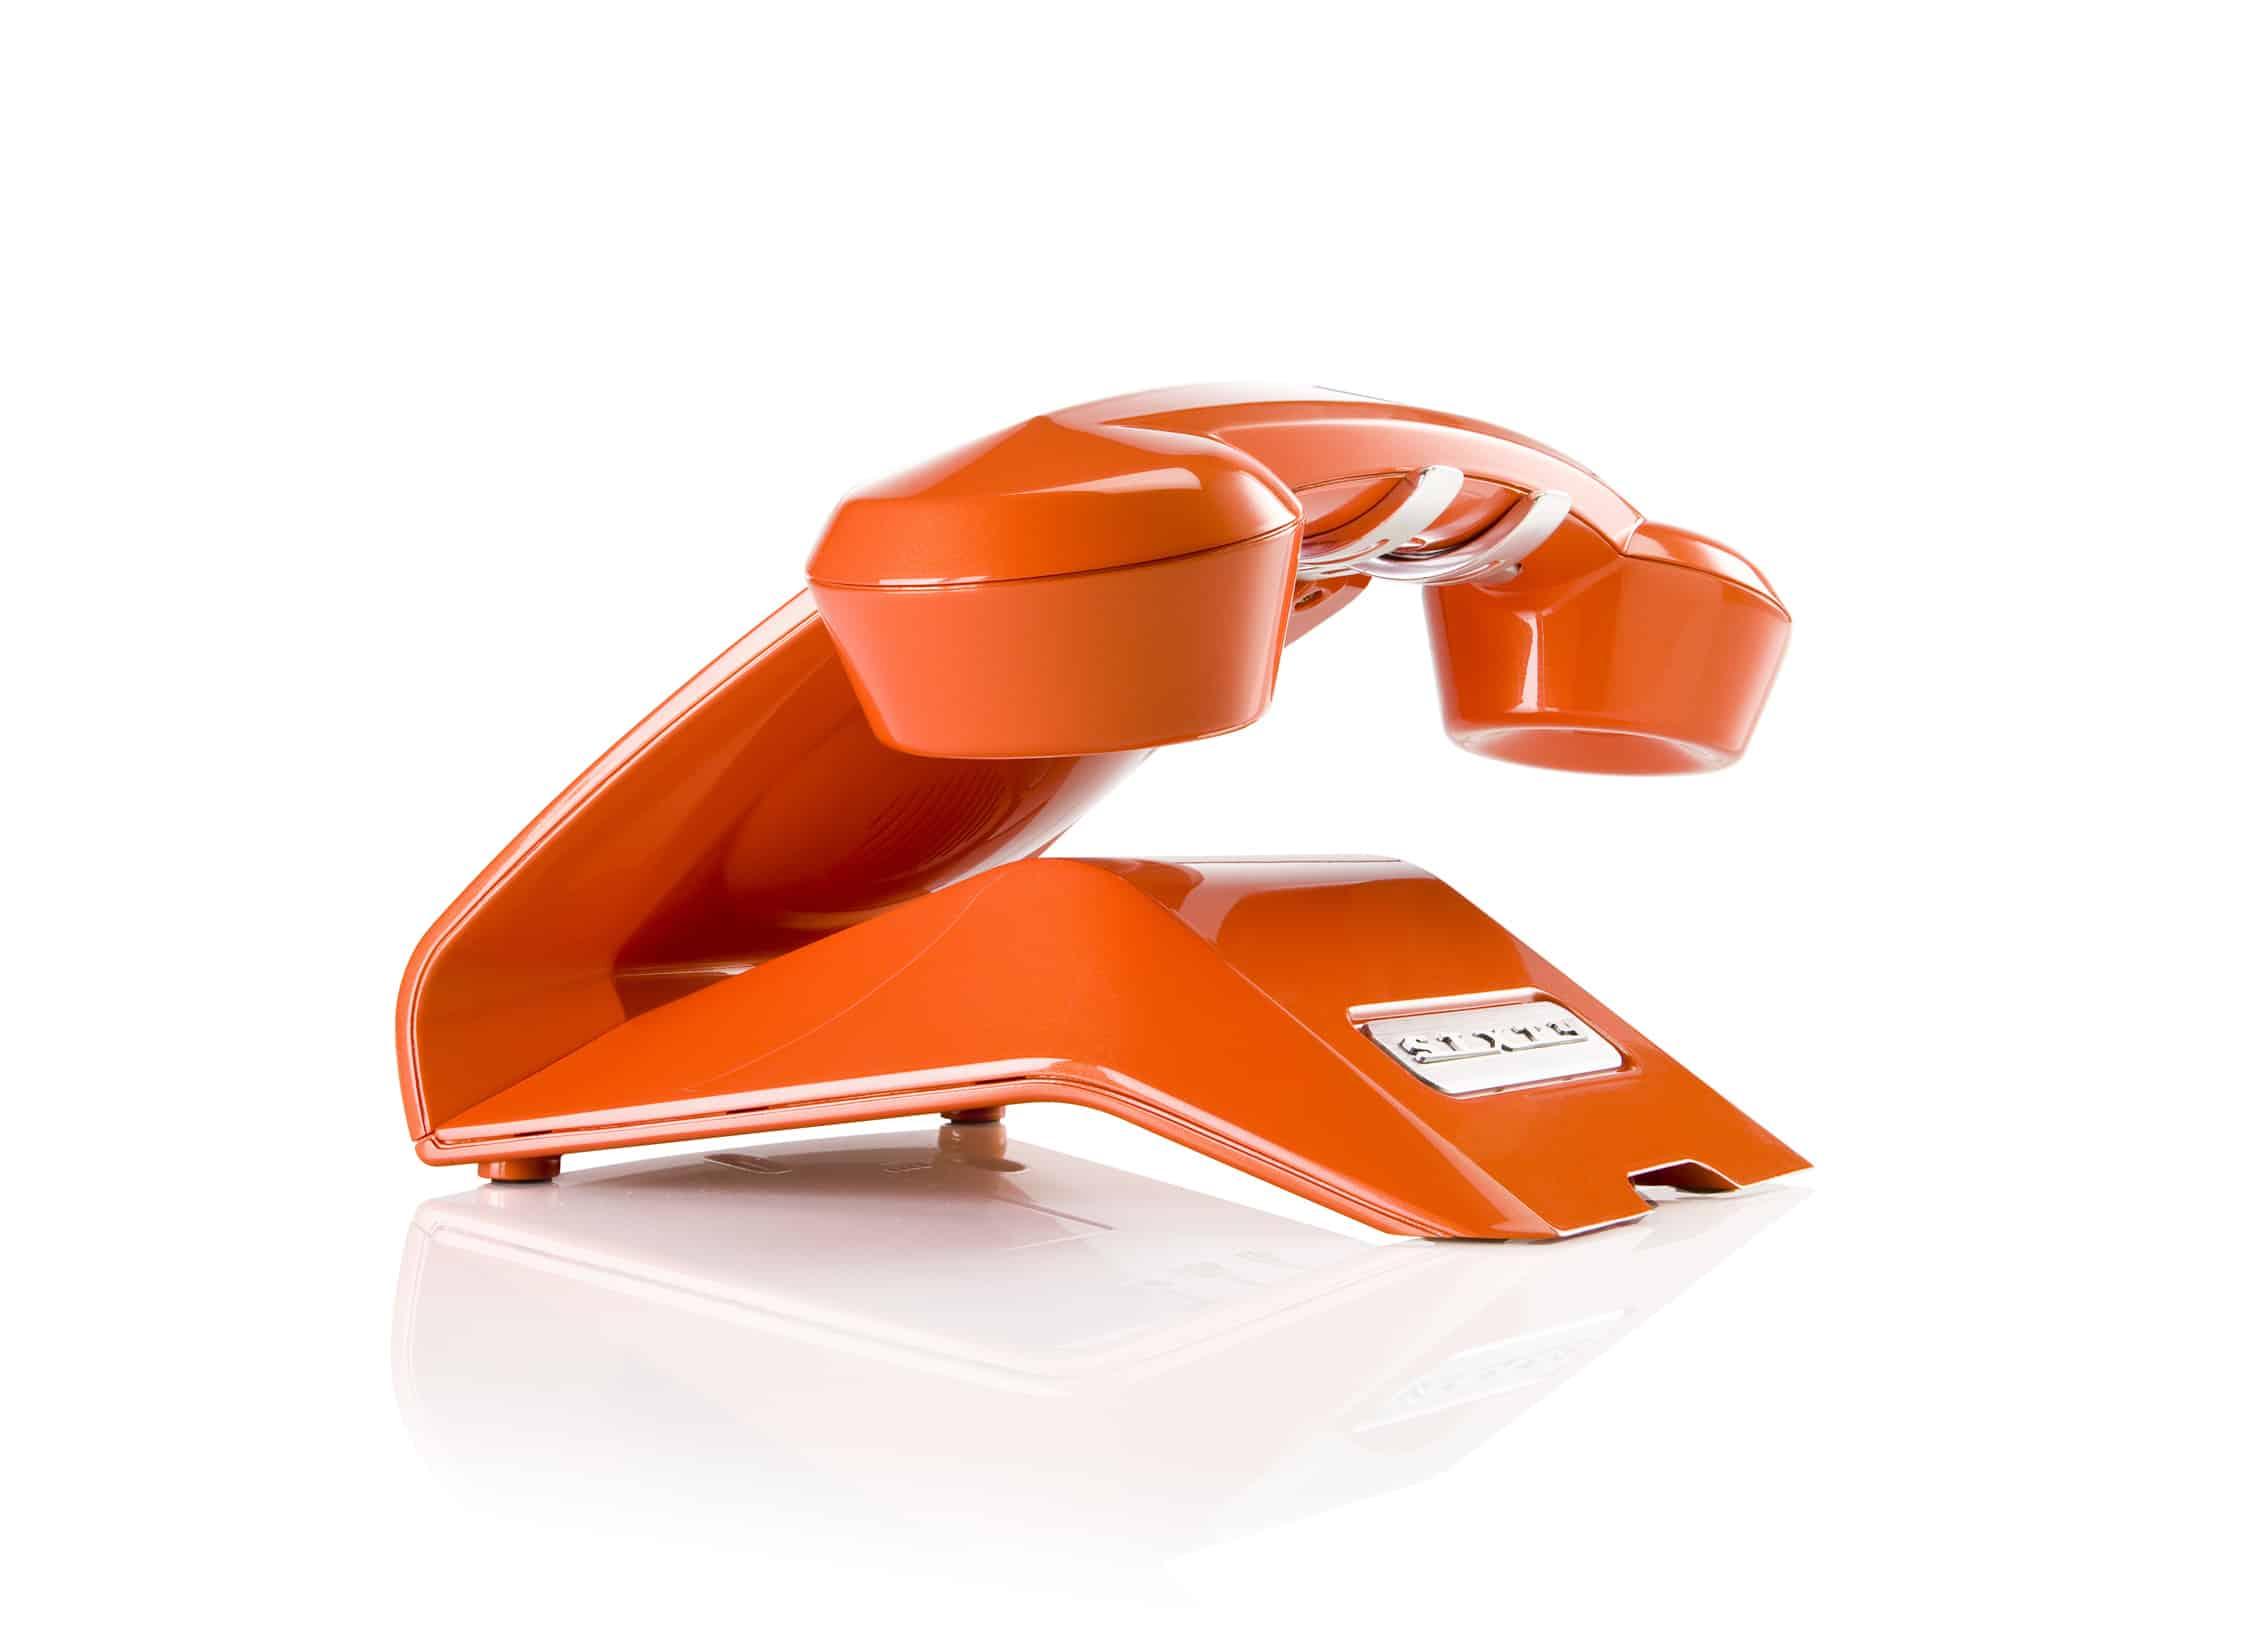 Sagemcom Sixty Cordless Telephone Orange Rear